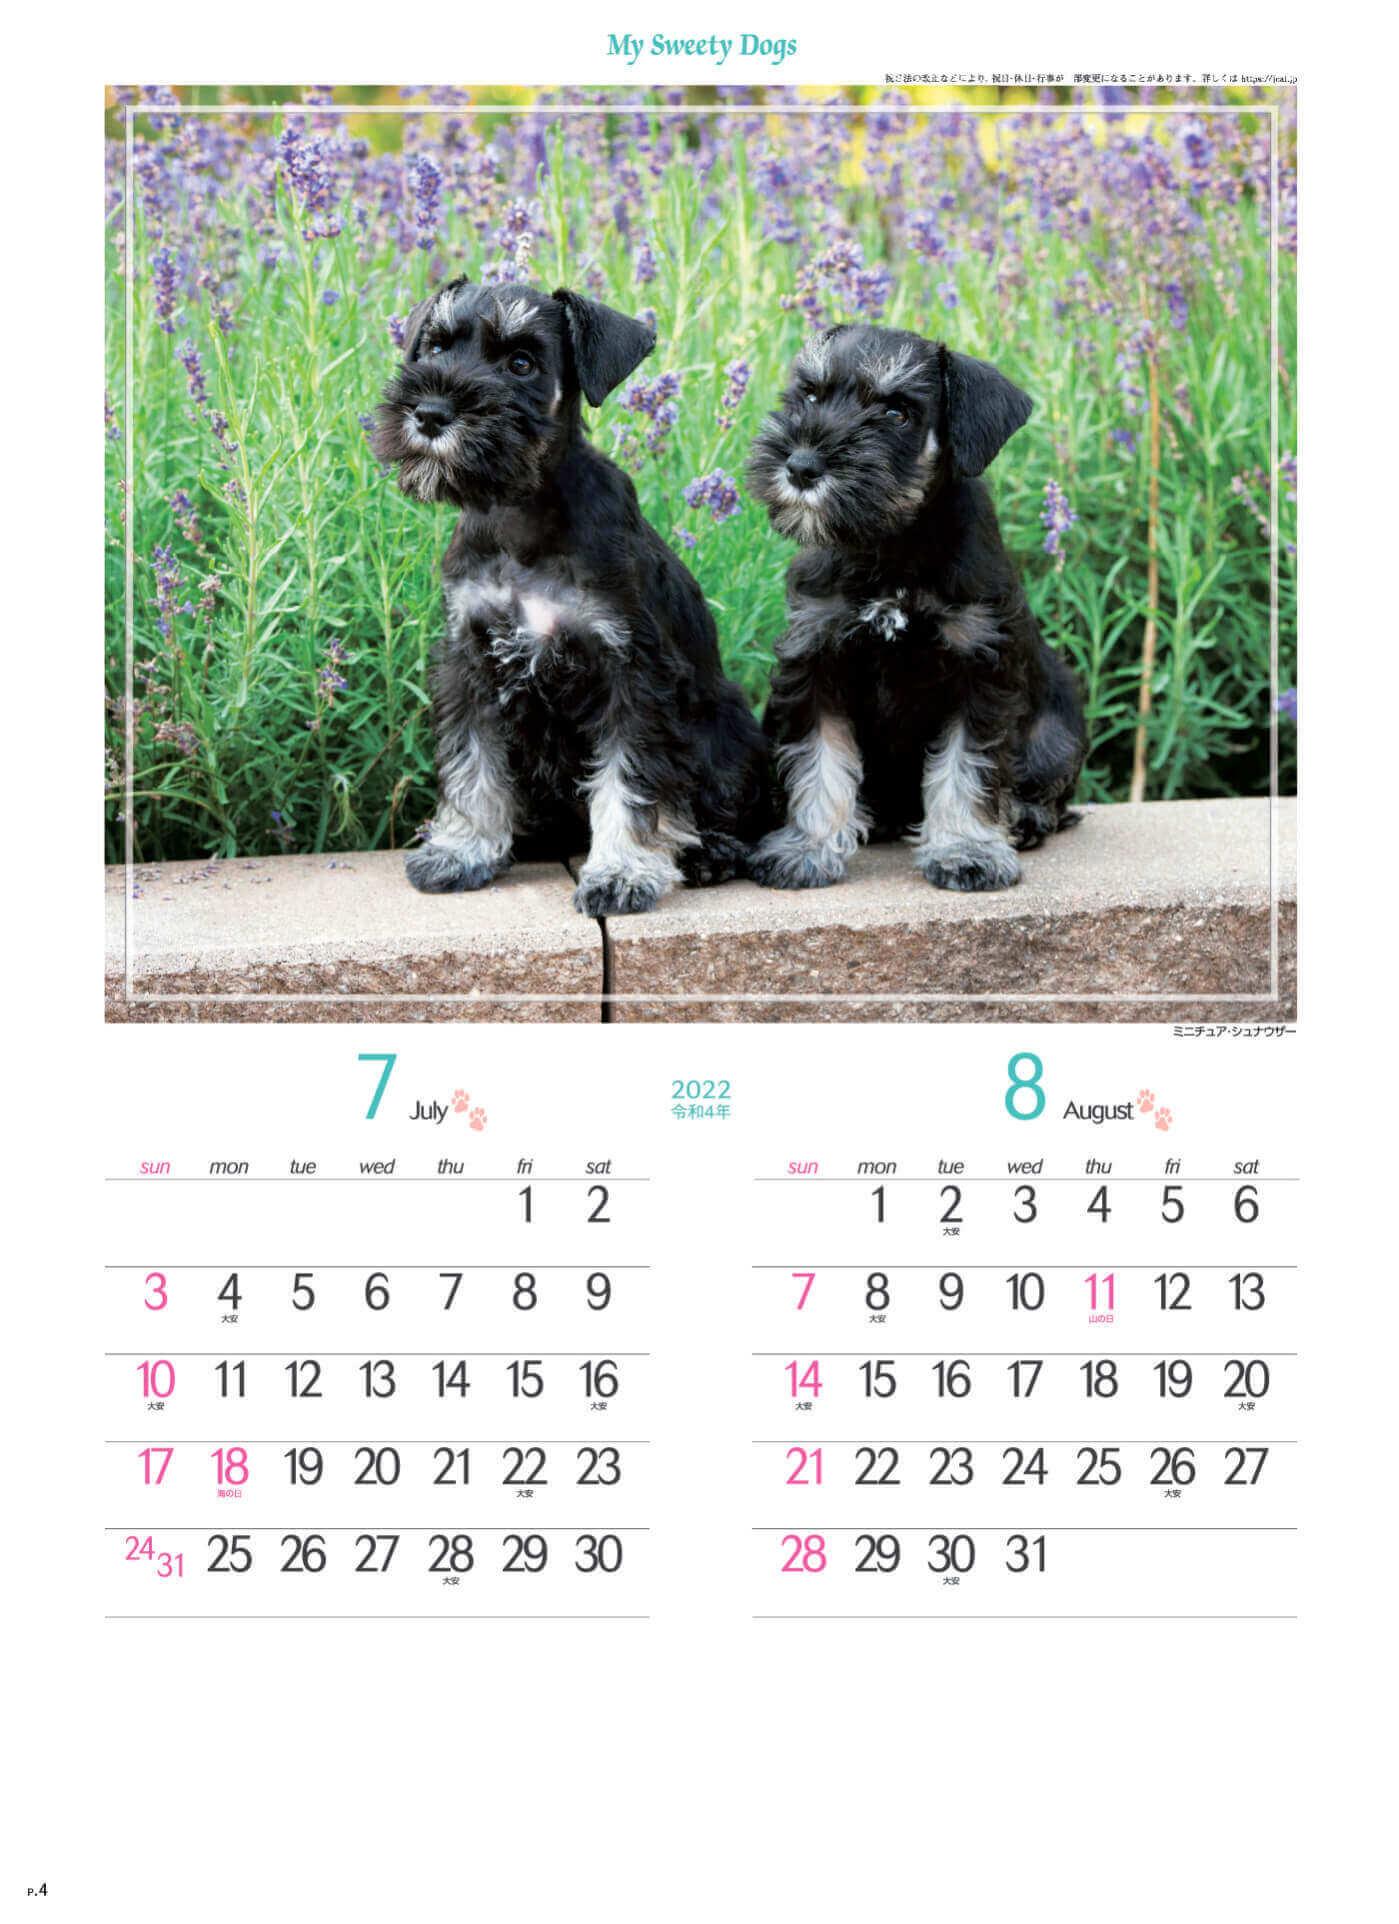 7-8月 ミニチュア・シュナウザー マイスウィーティードッグ 2022年カレンダーの画像